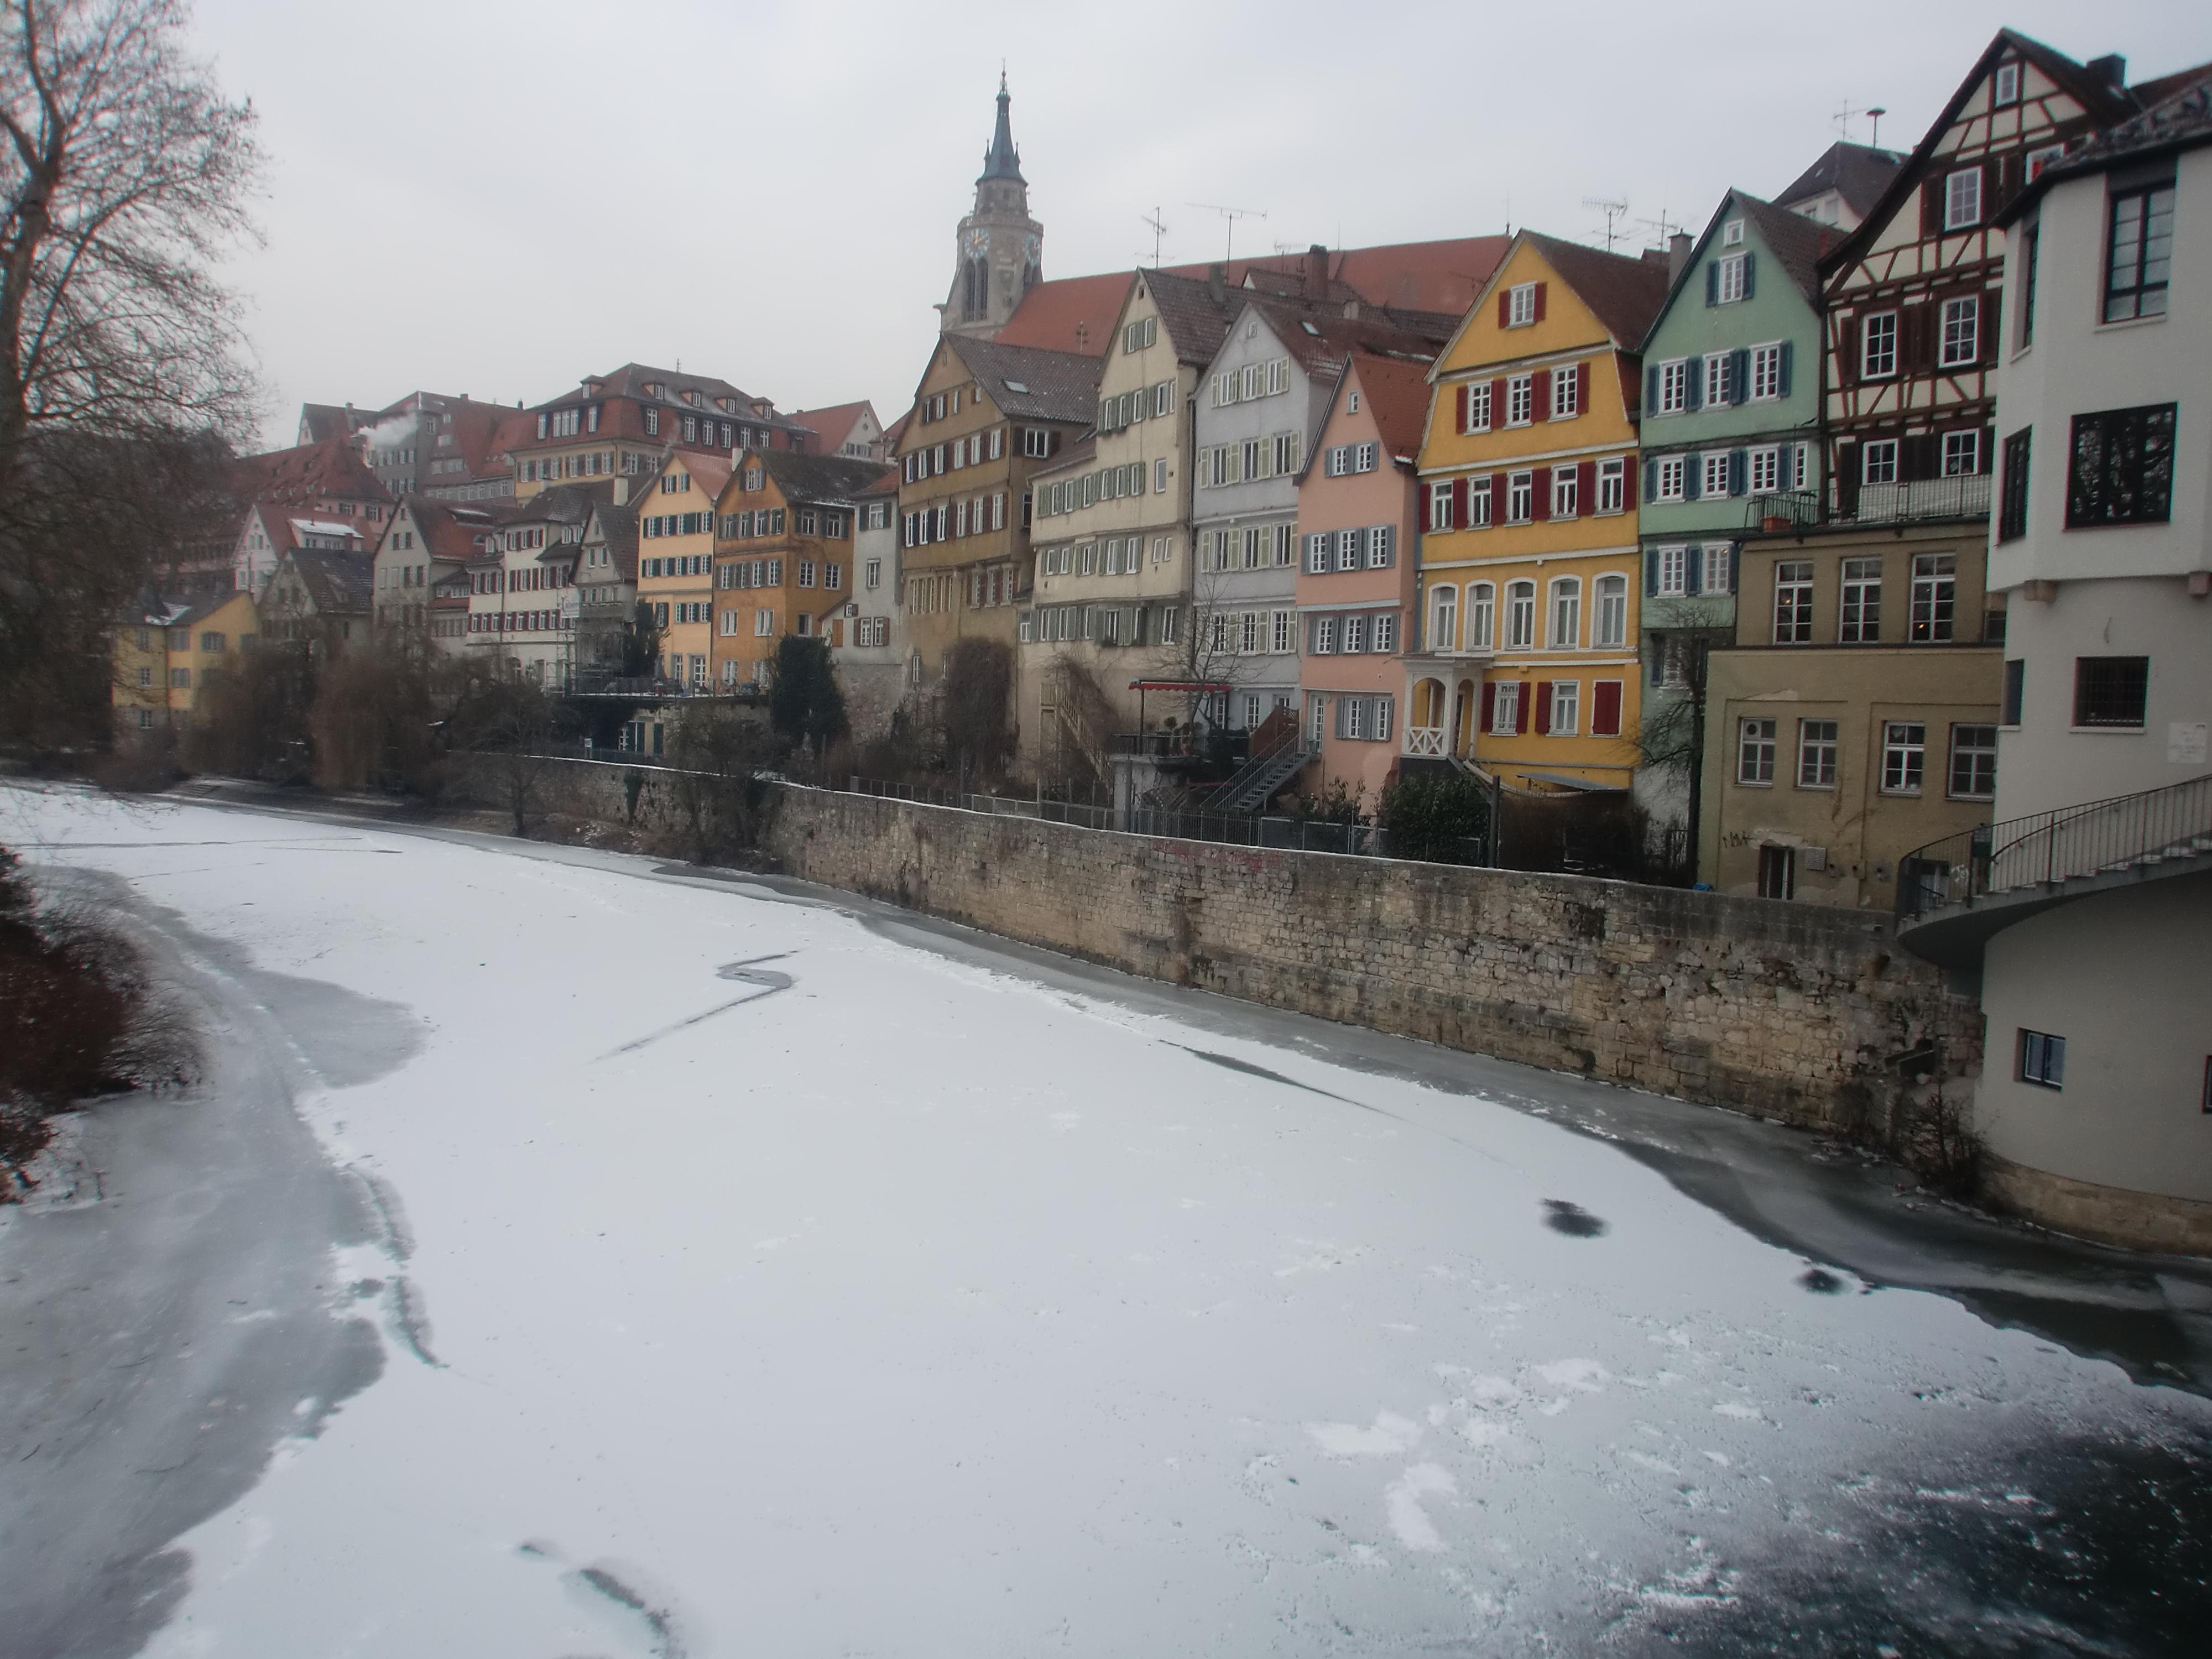 Bild des gefrorenen Neckars in Tuebingen 2012